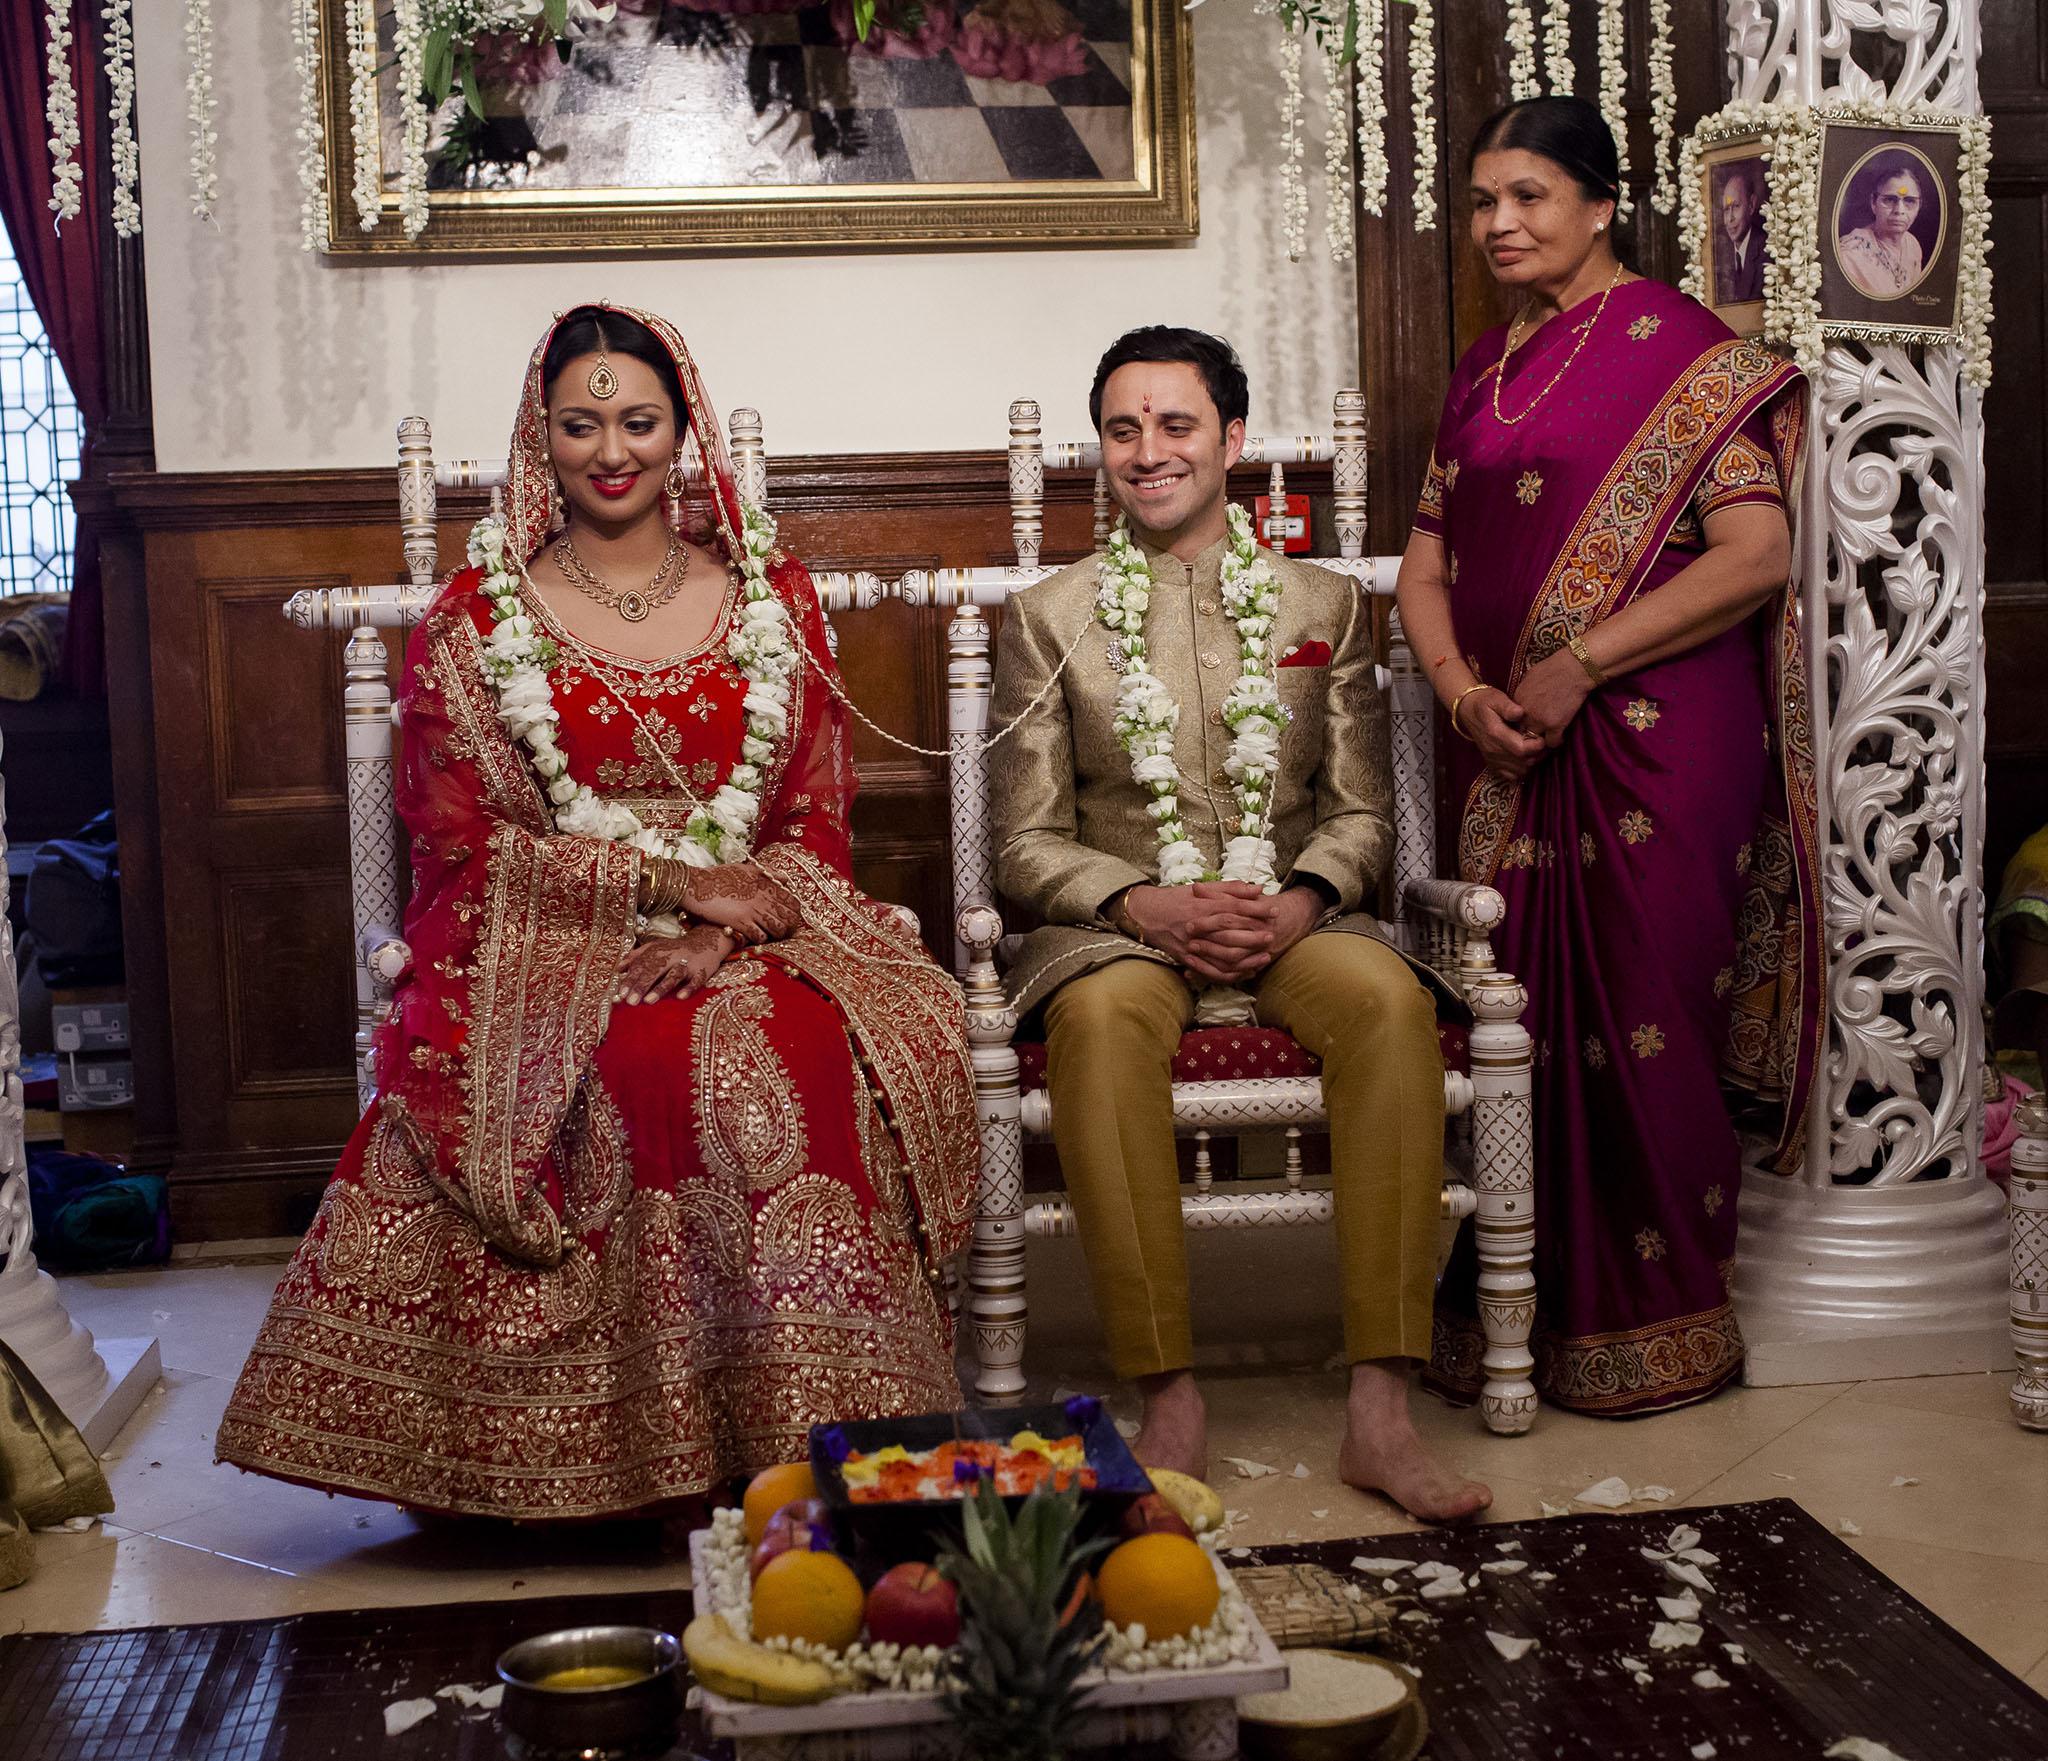 elizabethgphotography_kingslangley_hertfordshire_fineart_indian_wedding_photography_bhavesh_kundalata_bhaktivedanta_manor_watford_jpg34.jpg